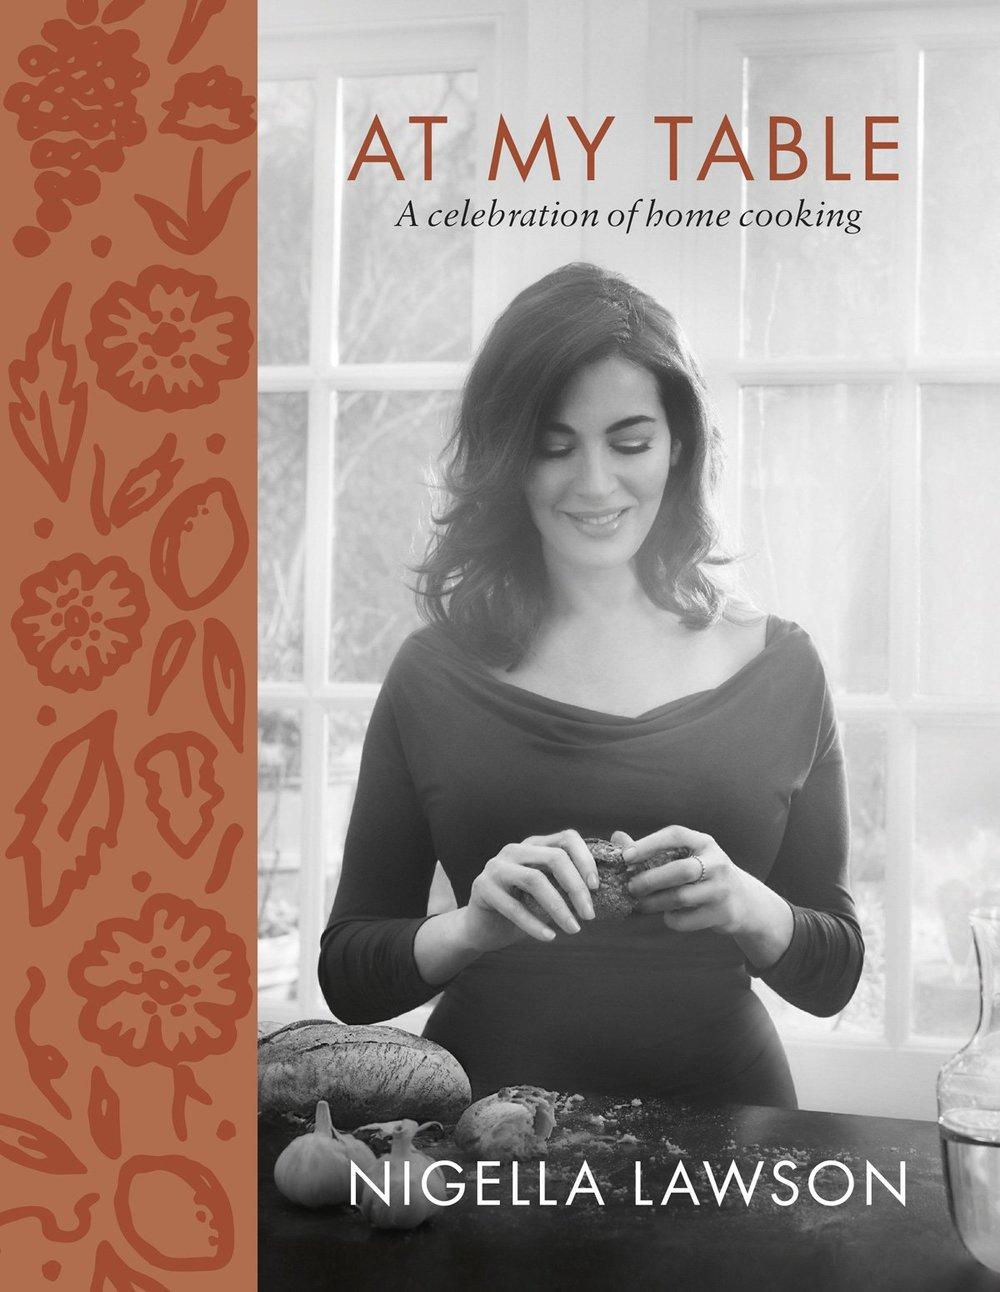 'At My Table' by Nigella Lawson